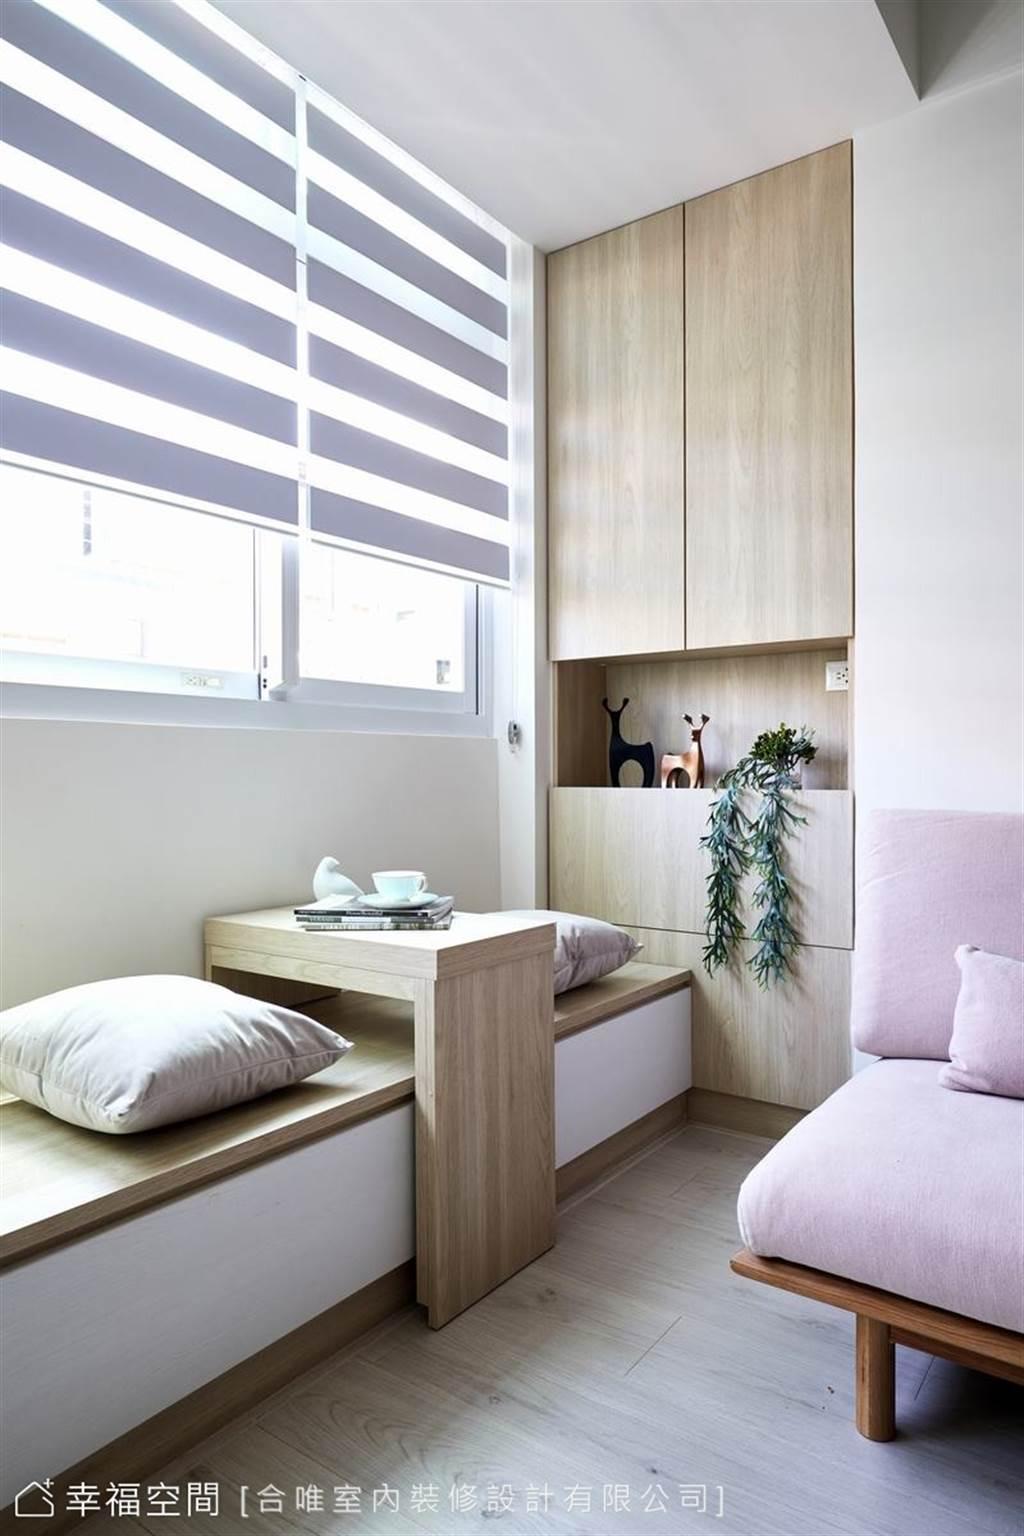 長型臥榻的設計簡單,只要具備嵌於中間的邊桌,就能很不一樣。居者能在此品茶、下棋或吃零食,增添使用機能,度過午後的愜意時光。(圖片提供/合唯室內裝修設計有限公司)